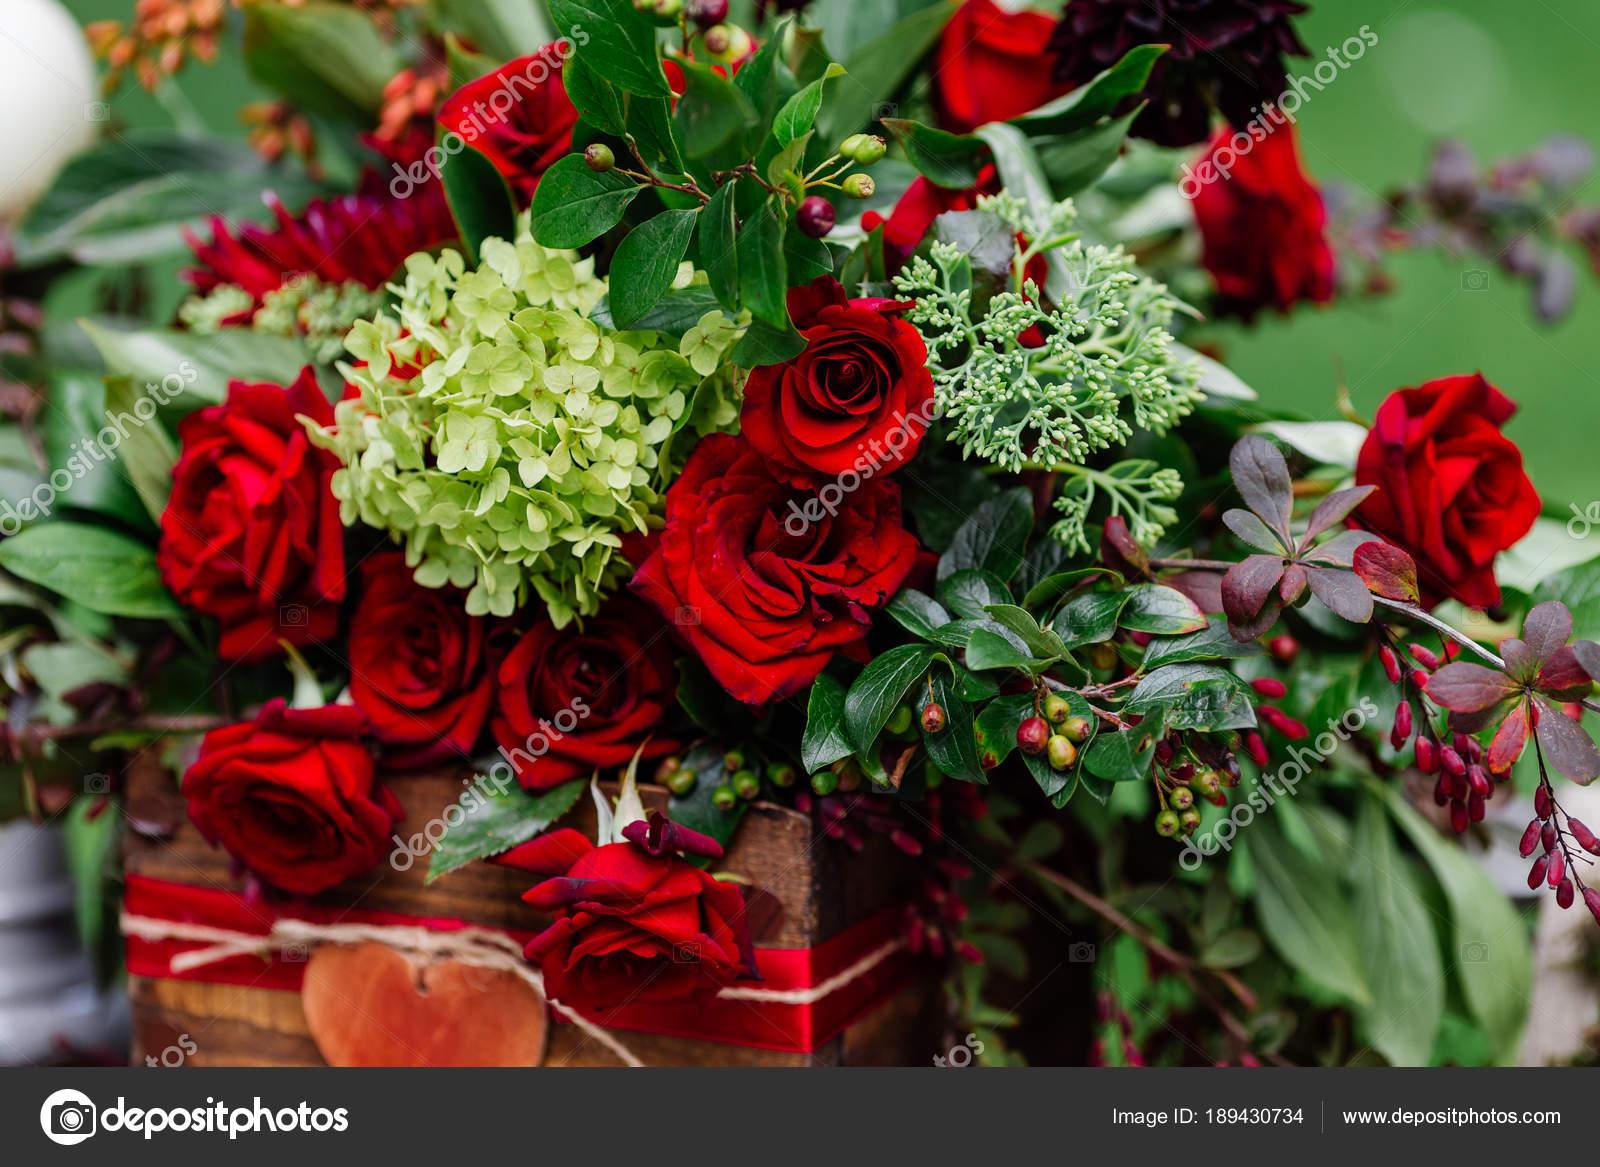 Hochzeit Tischdekoration Blumen Komposition Mit Rosen Beeren